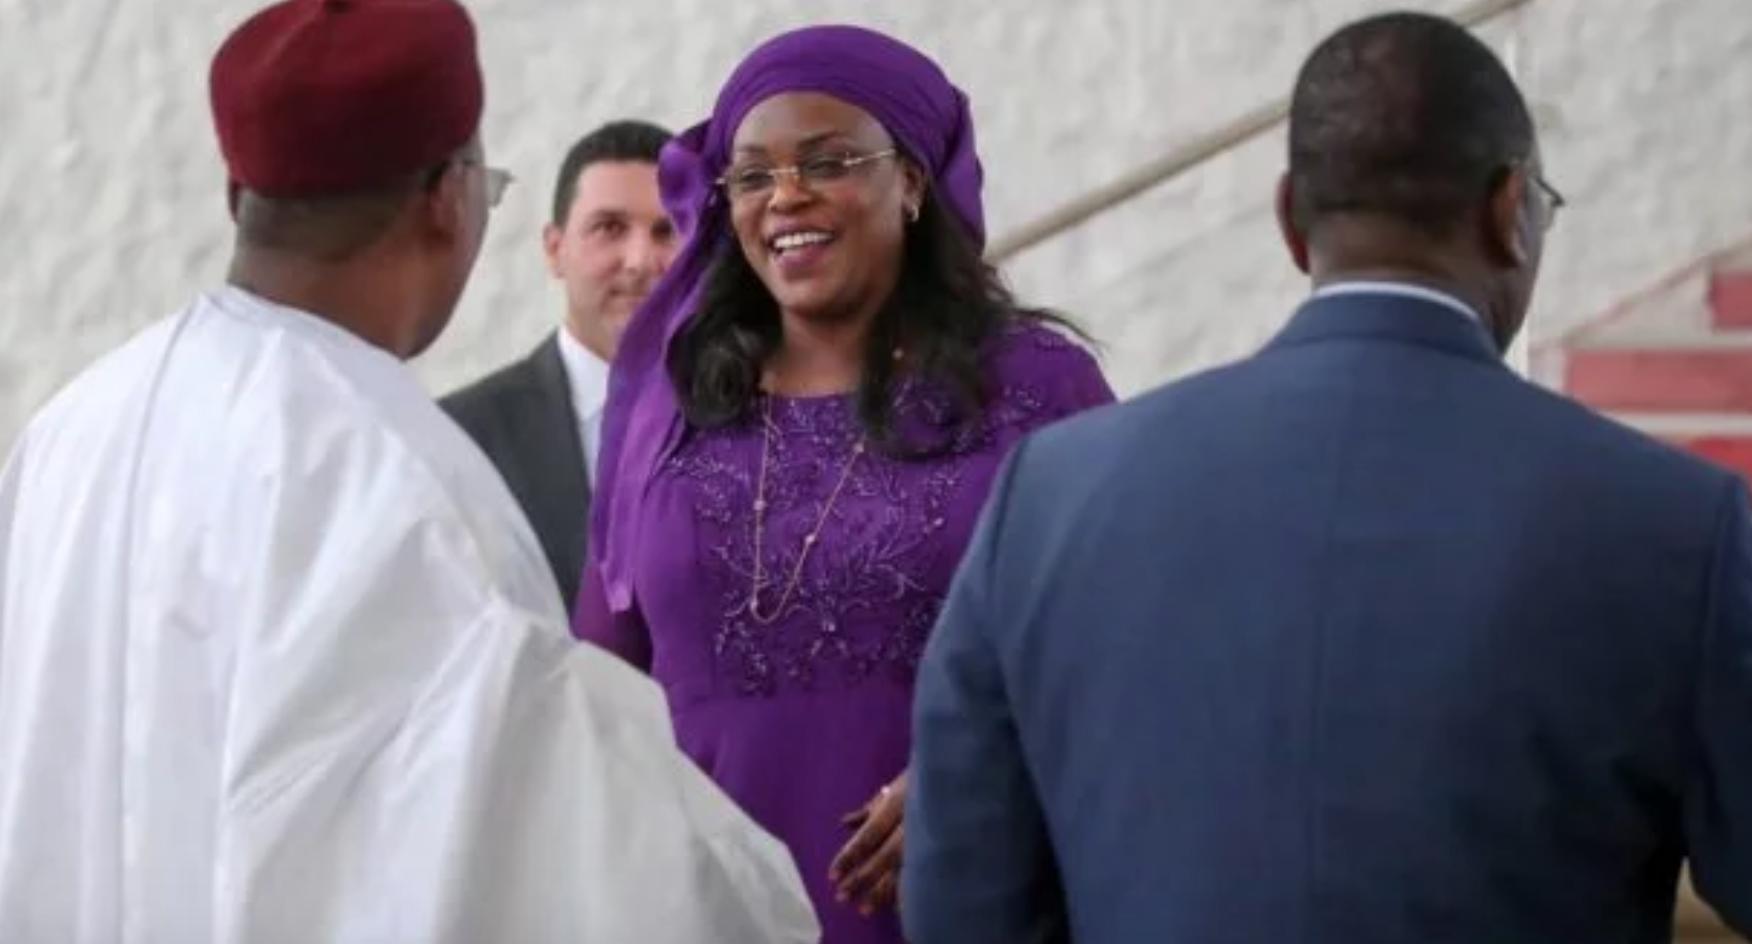 Investi dans sa fonction de président du Sénégal: Macky Sall reçoit les félicitations de Marième Faye Sall et ses enfants